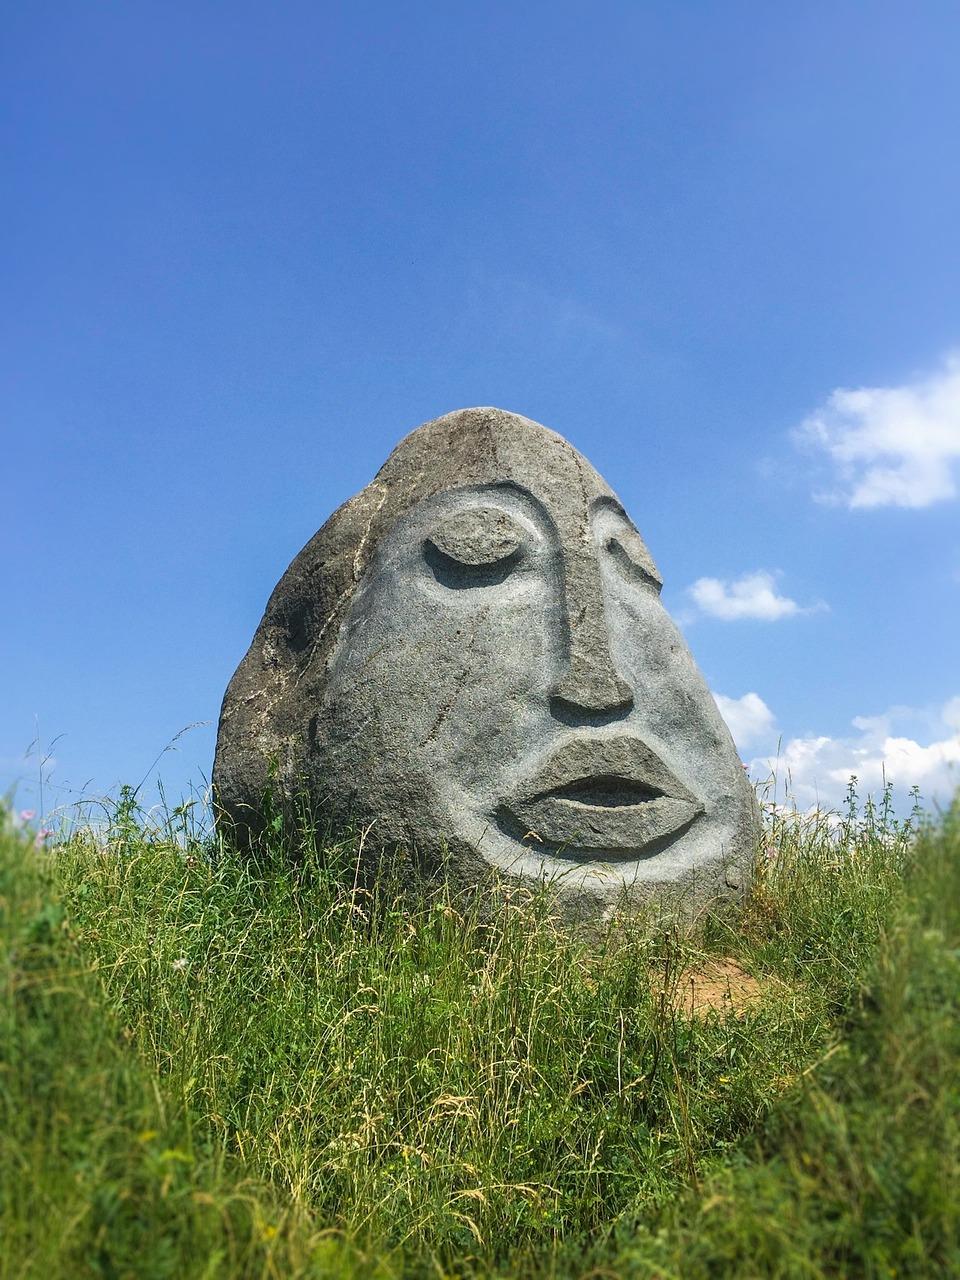 каменные лица картинки своей девушке письку